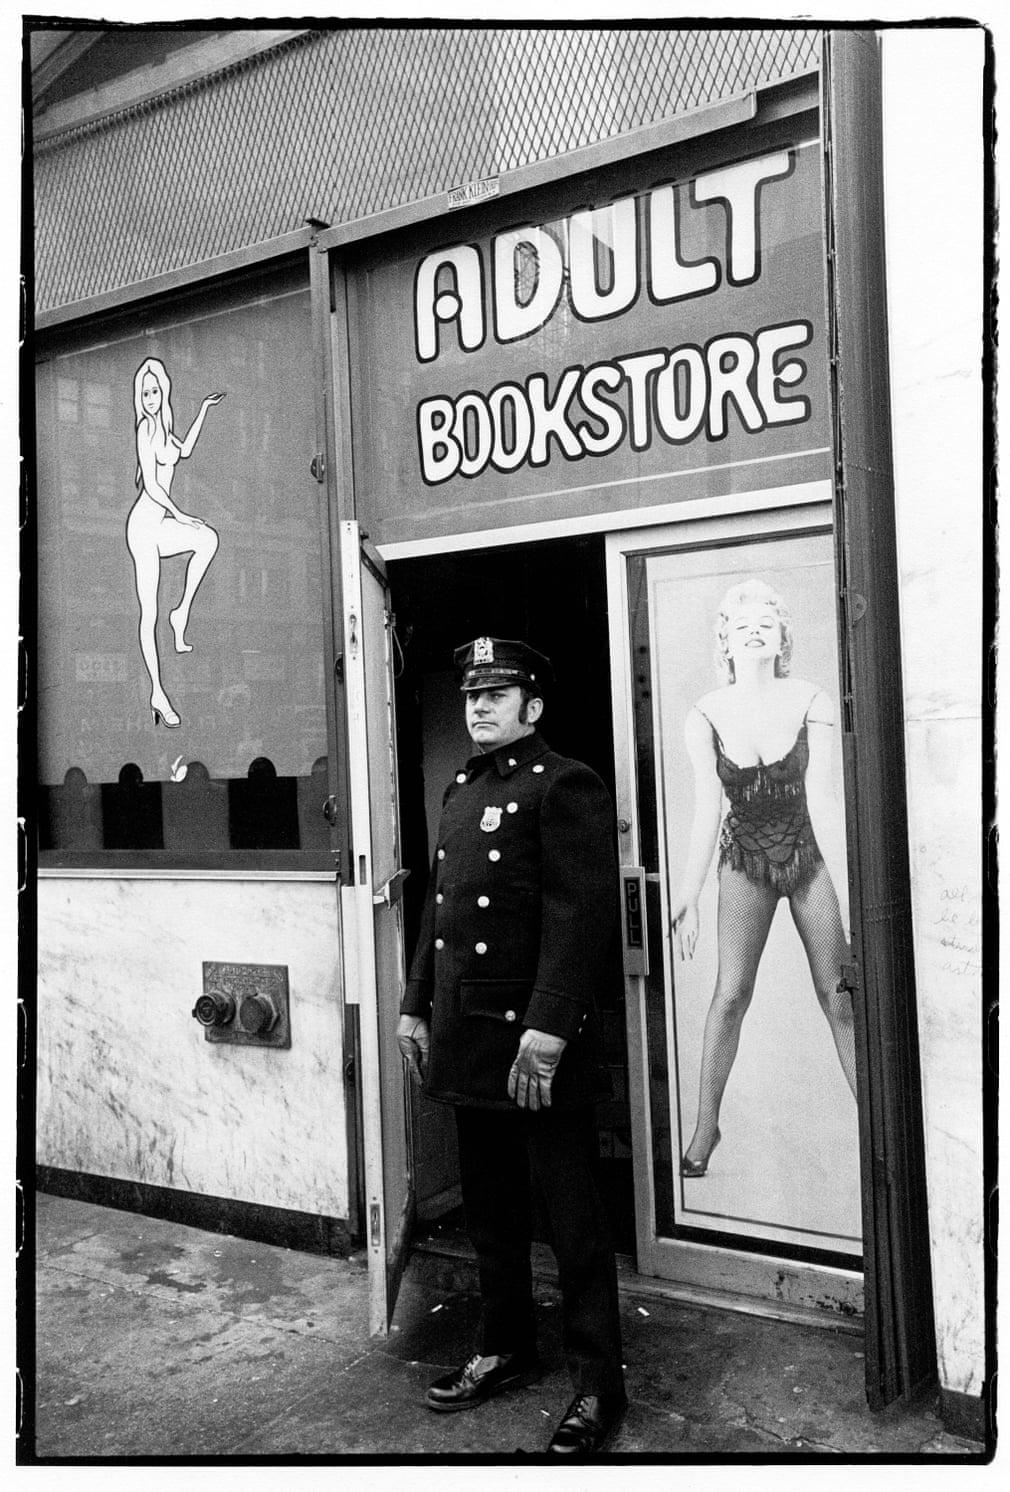 Голдис, повседневная жизни Нью-Йорка с 1970-х годов  (1).jpg